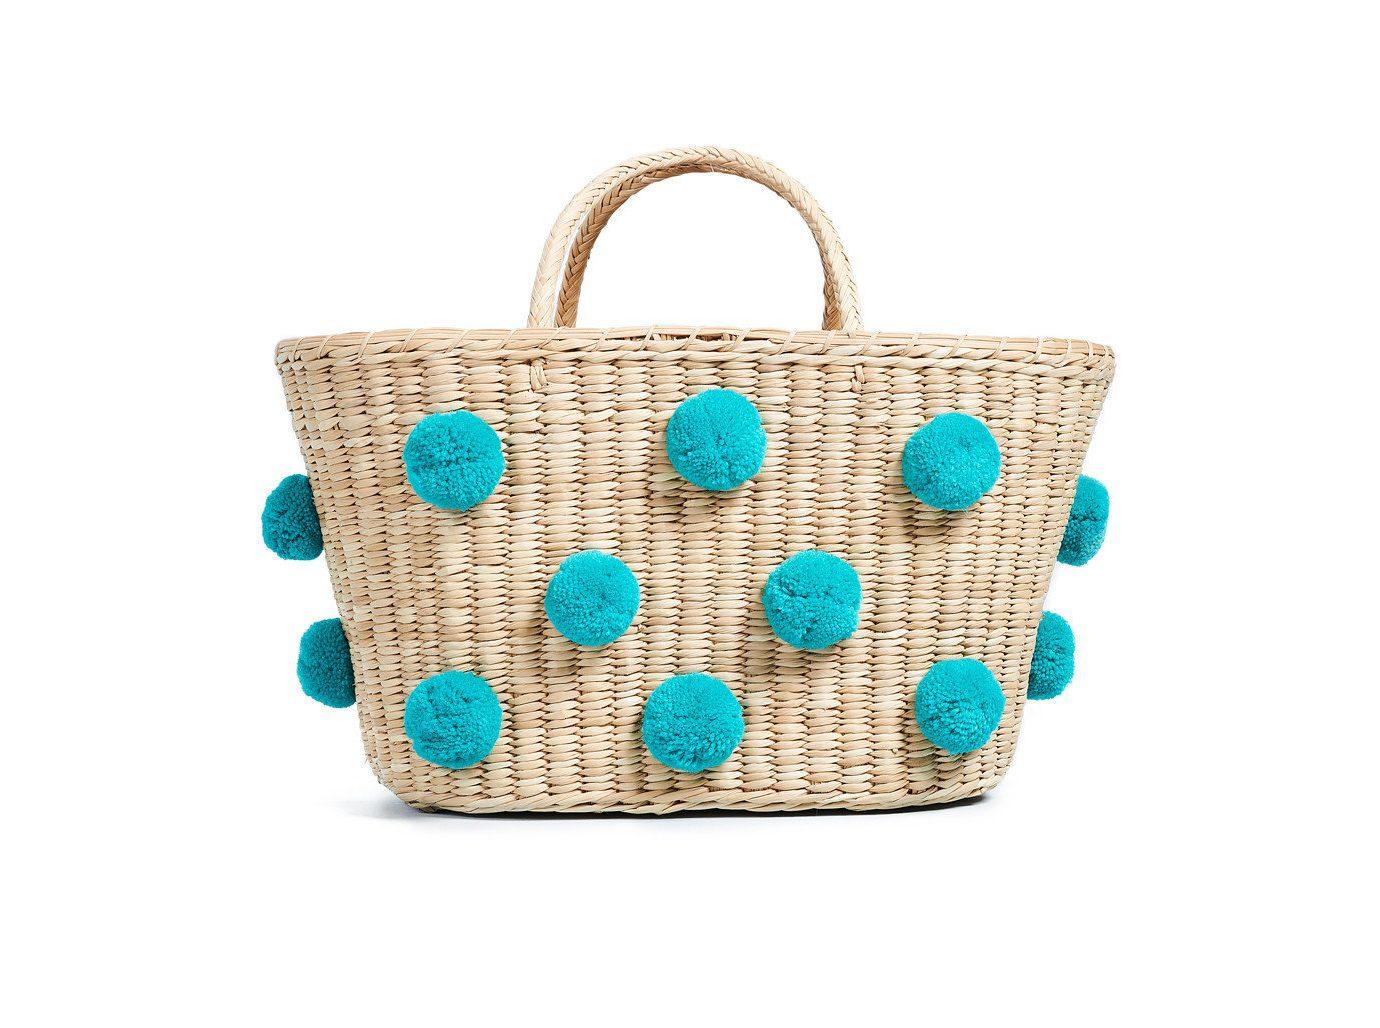 Packing Tips Style + Design Travel Shop bag shoulder bag handbag turquoise pattern product Design product design coin purse